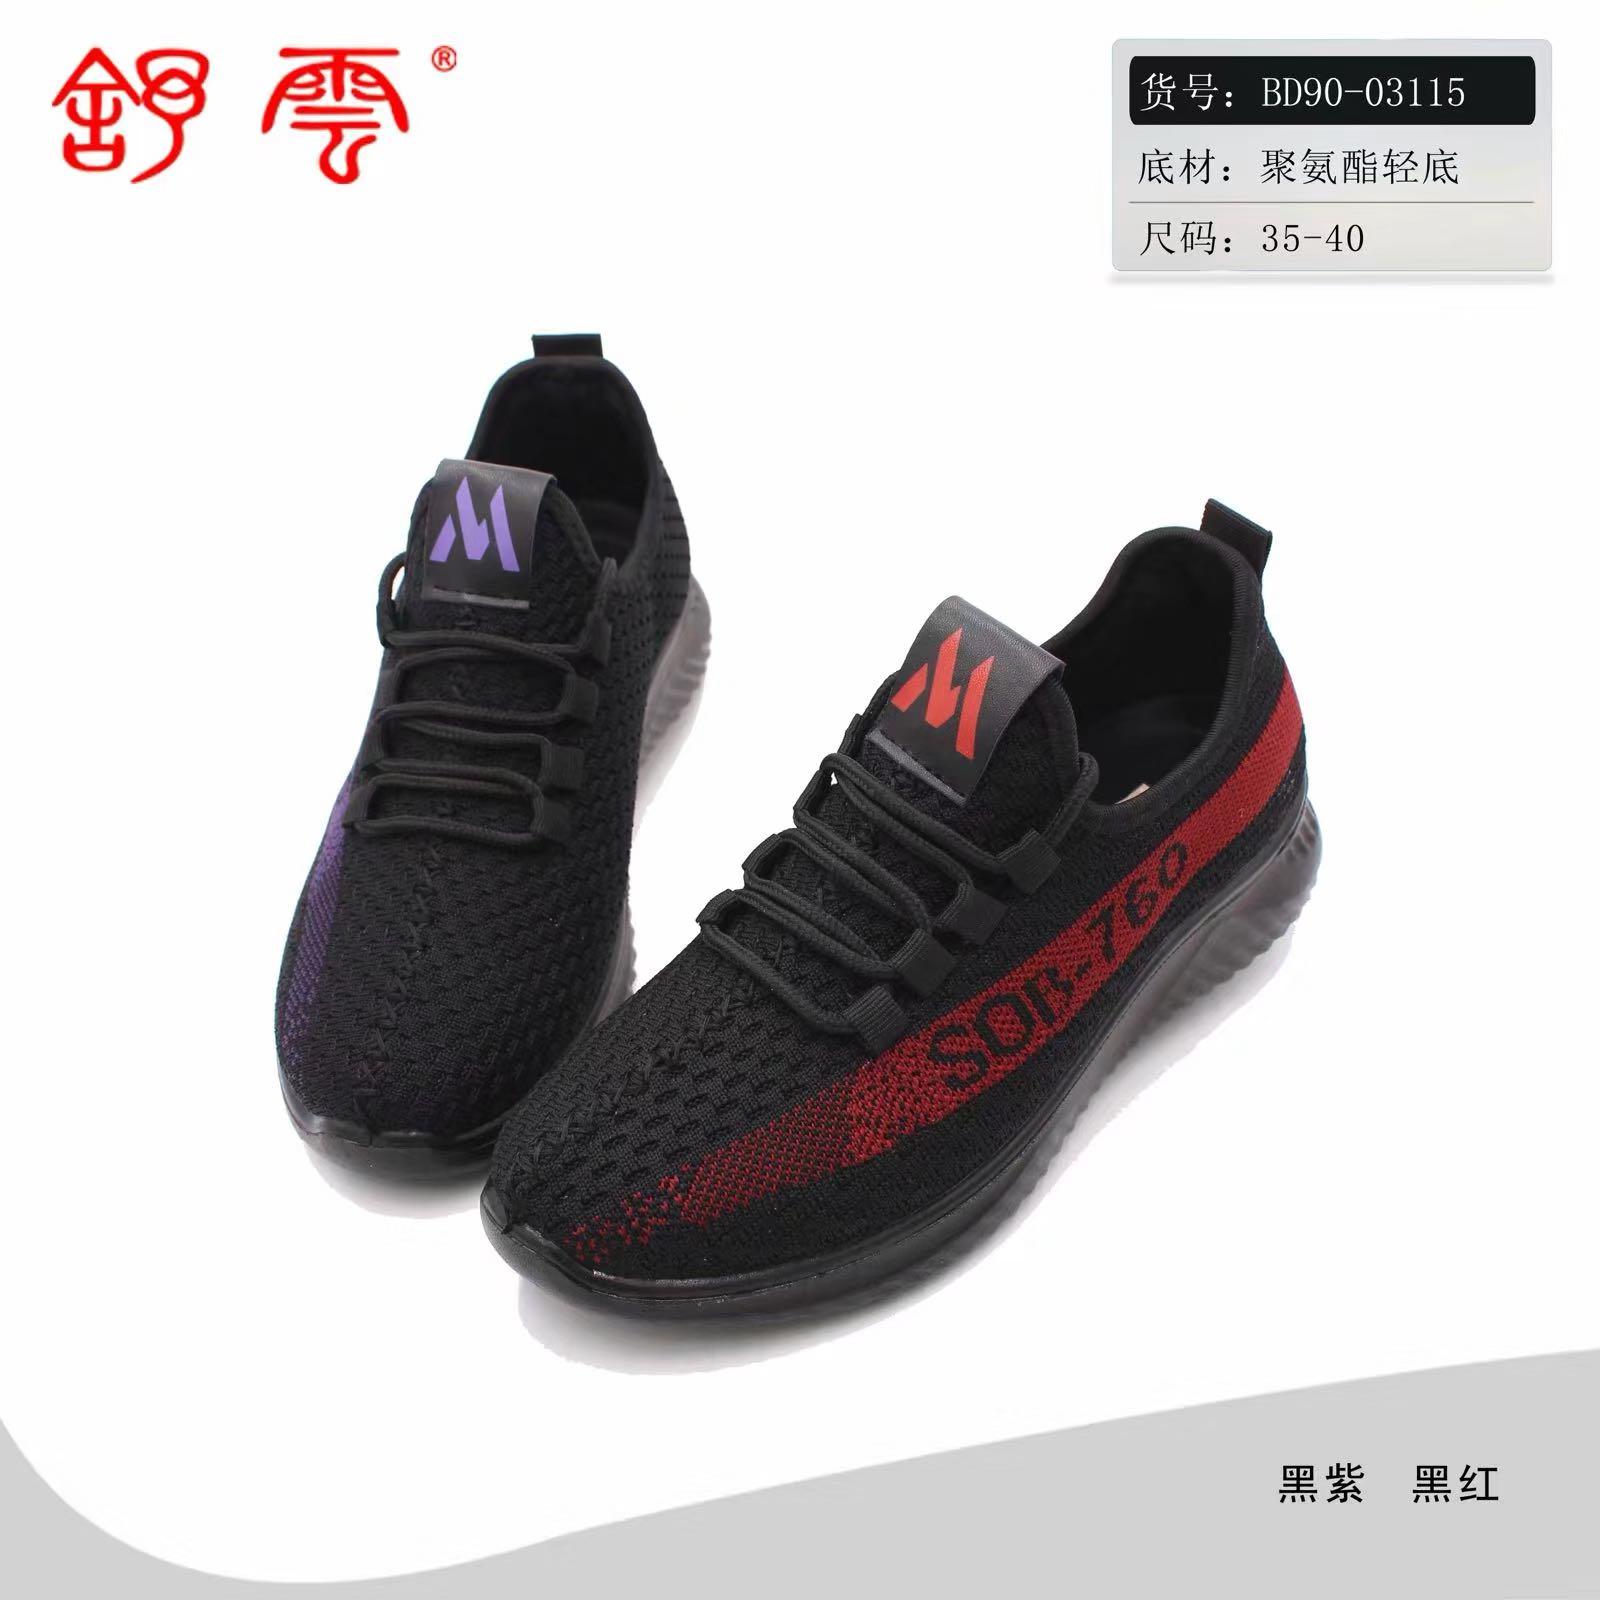 舒云老北京布鞋椰子情侣款运动休闲女士超轻套脚2020春季新品